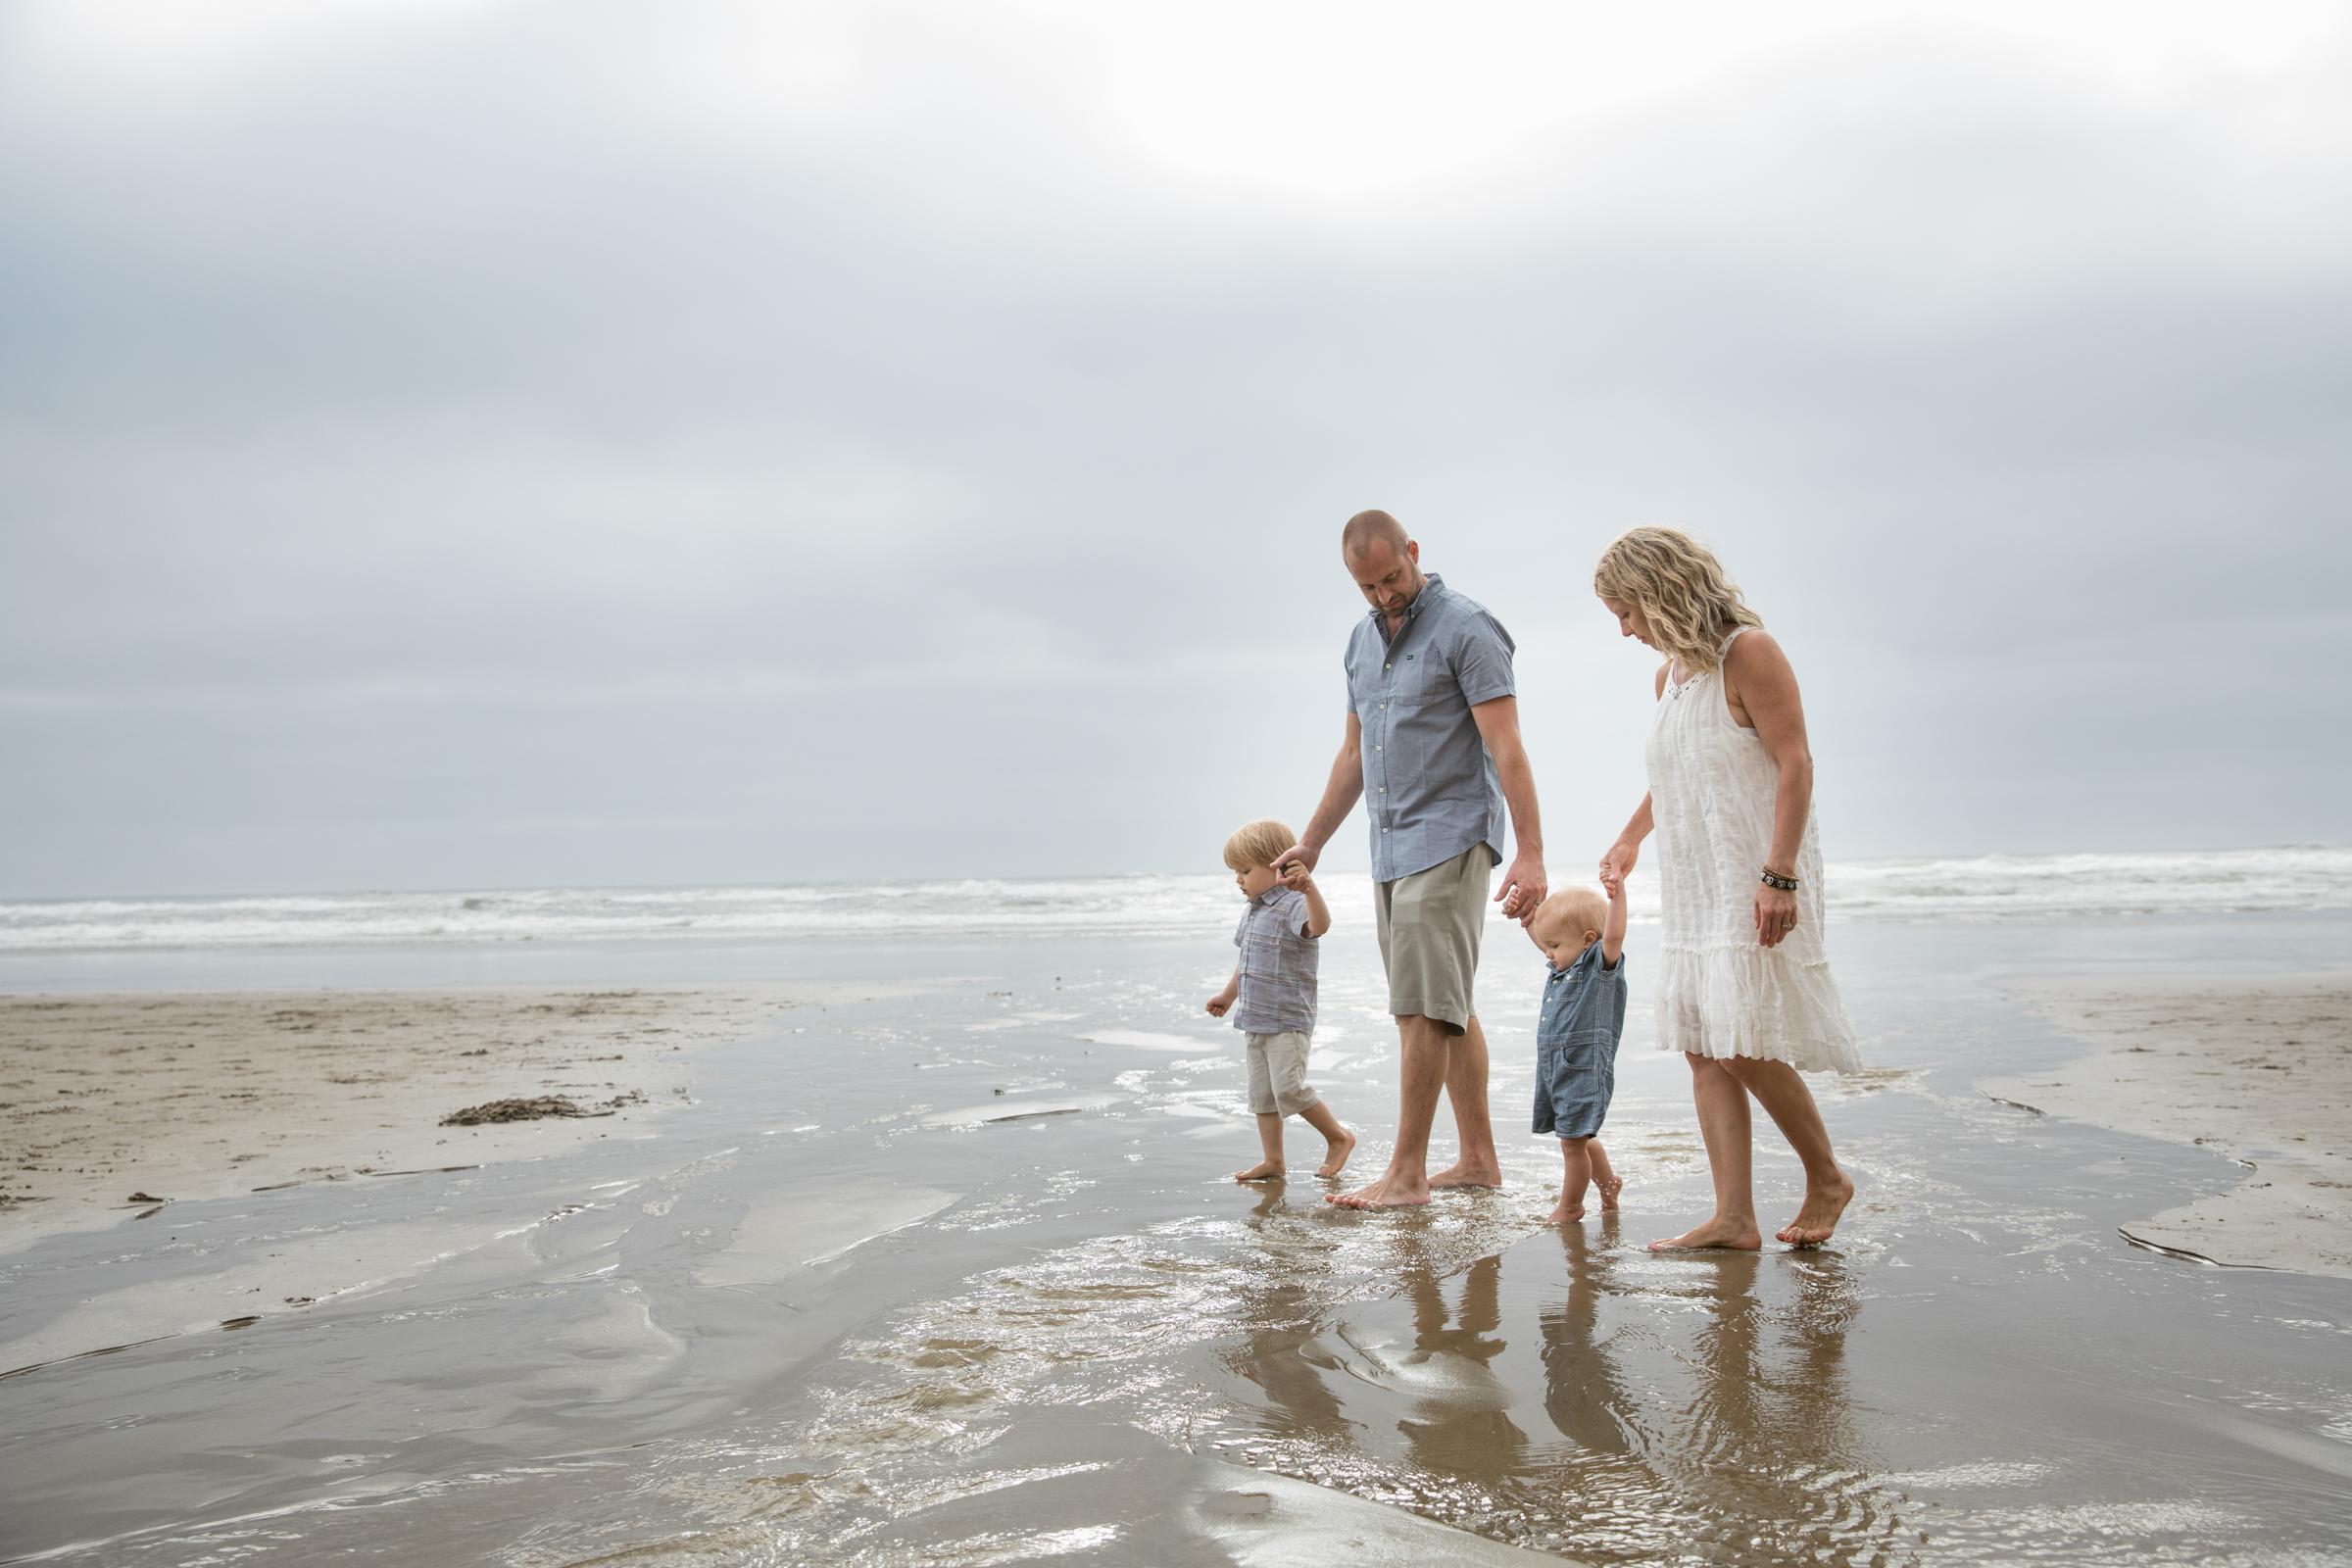 Family_On_Oregon_Beach.jpg